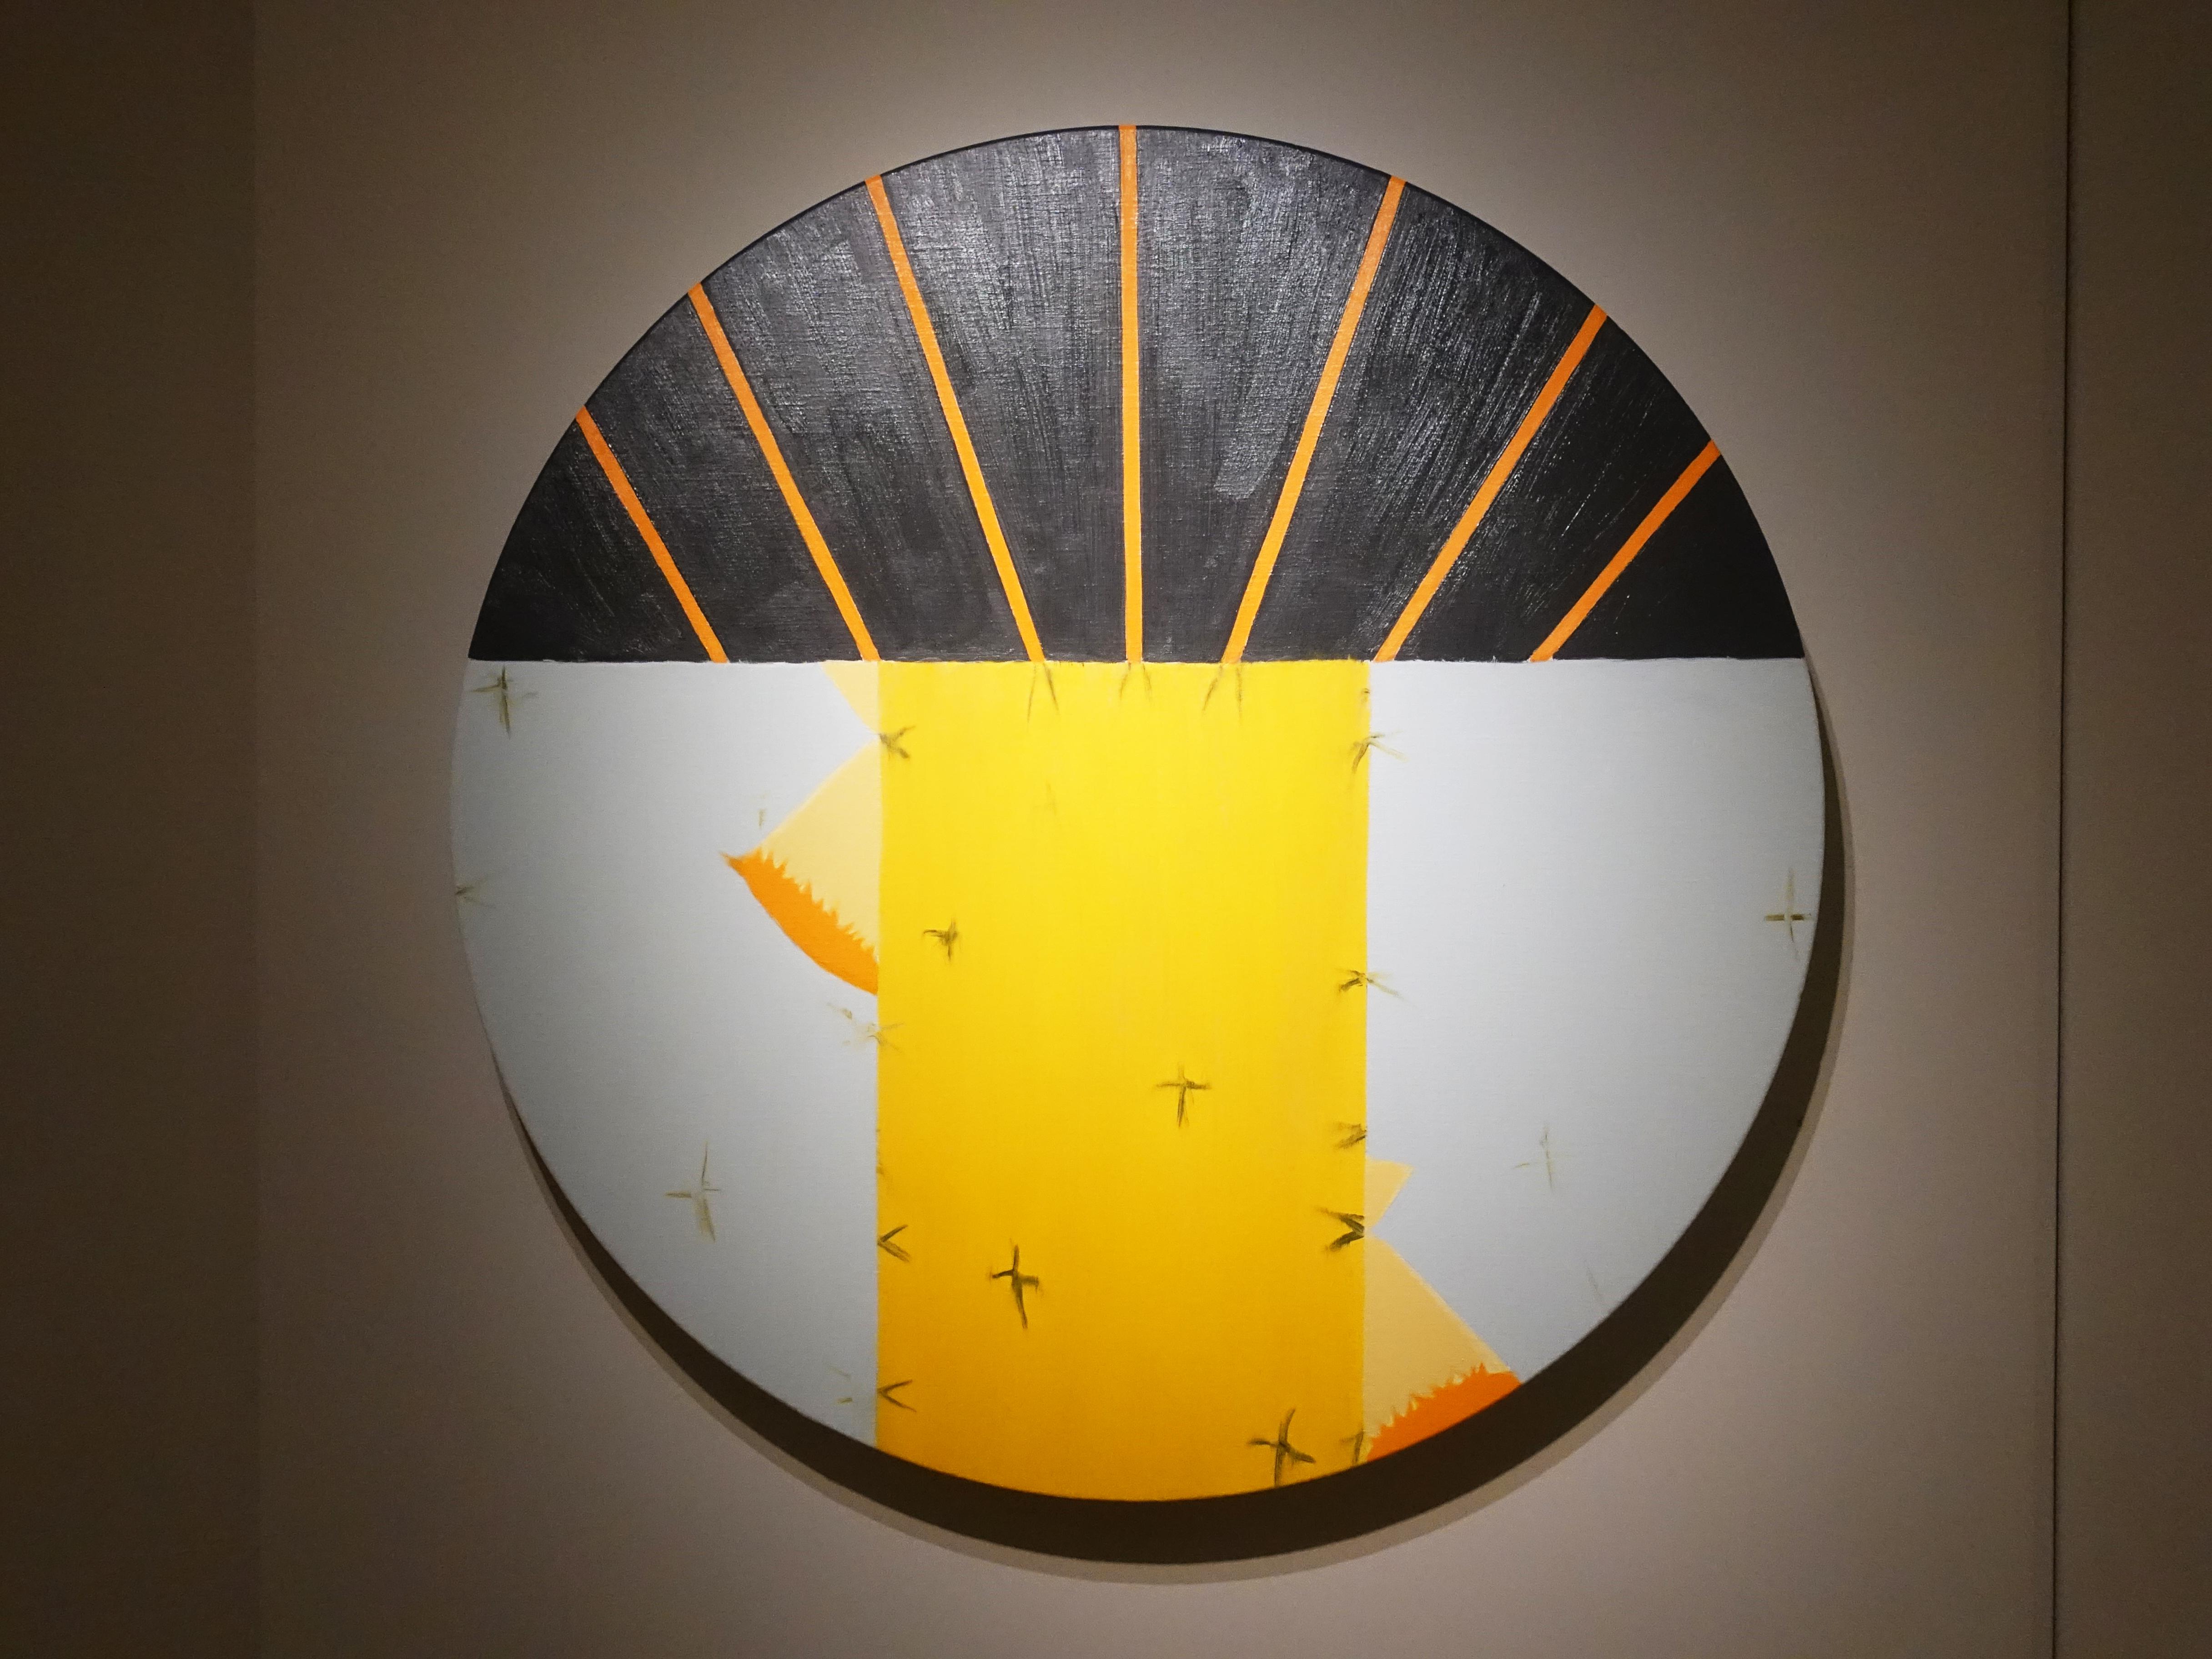 劉永仁,《時空的呼吸-晤光》,直徑100cm,油彩、蜂蠟、畫布,2019。